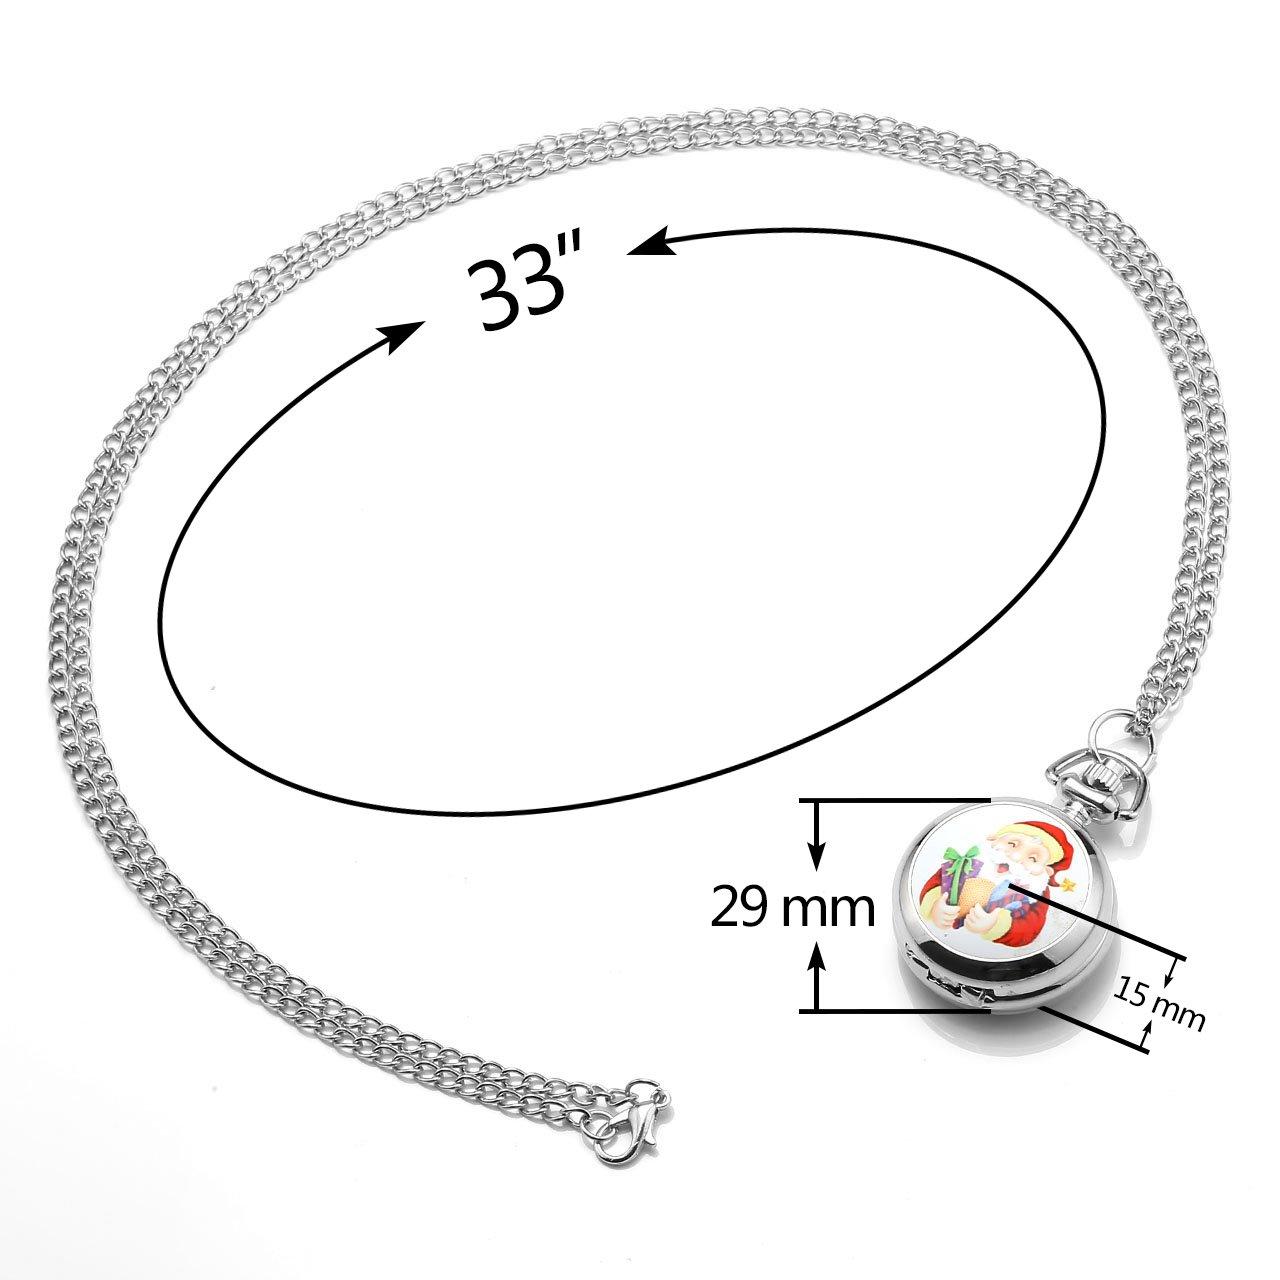 JSDDE Weihnachtsuhr Cute Weihnachtsmann Taschenuhr Klassische Modische Xmas Umhängeuhr Kettenuhr Quarz Uhren,#4